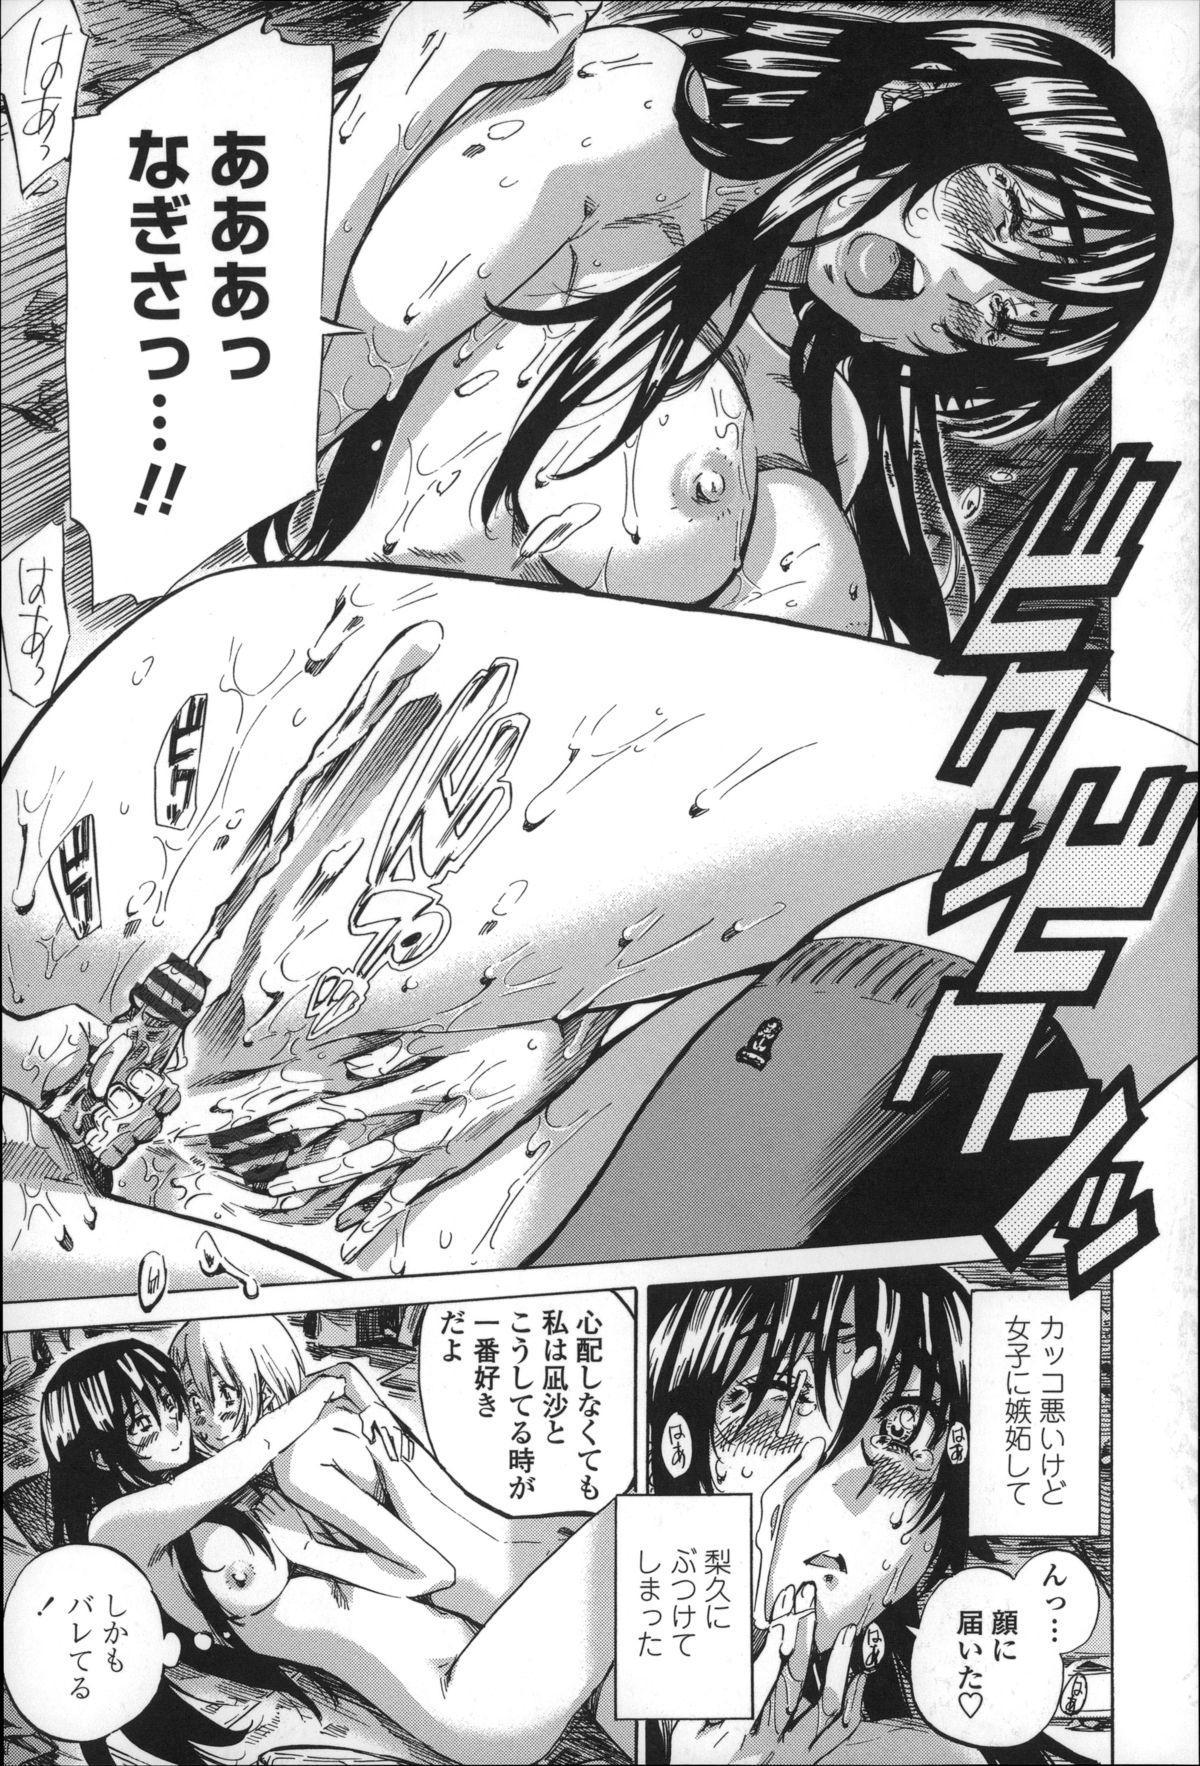 Choushin de Mukuchi no Kanojo ga Hatsujou Shite Kitara Eroiyo ne? 66